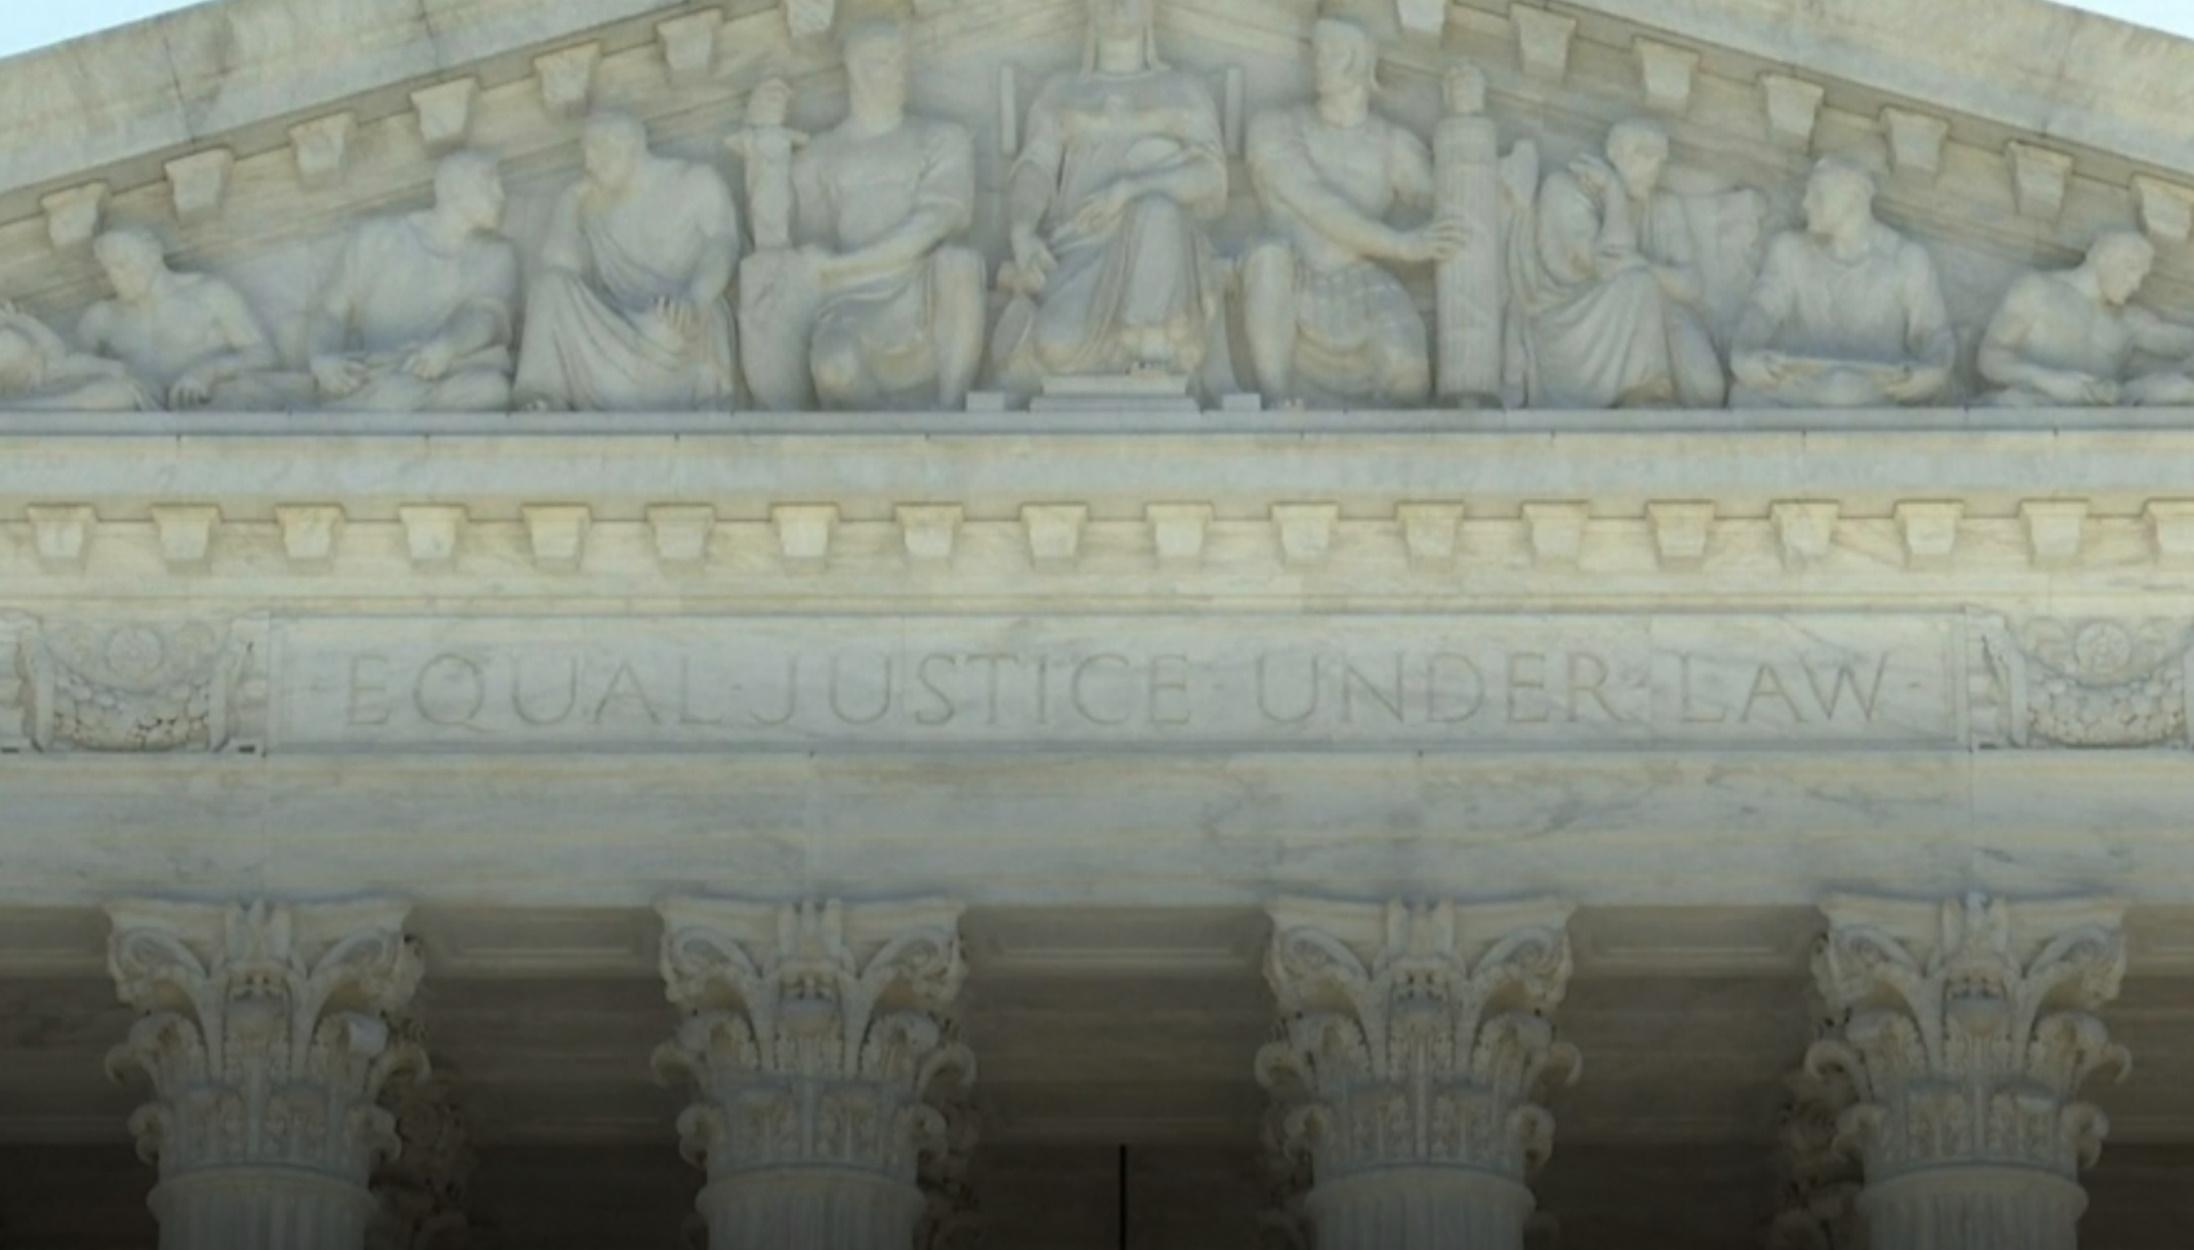 Το ανώτατο δικαστήριο γράφει ιστορία στην… τουαλέτα